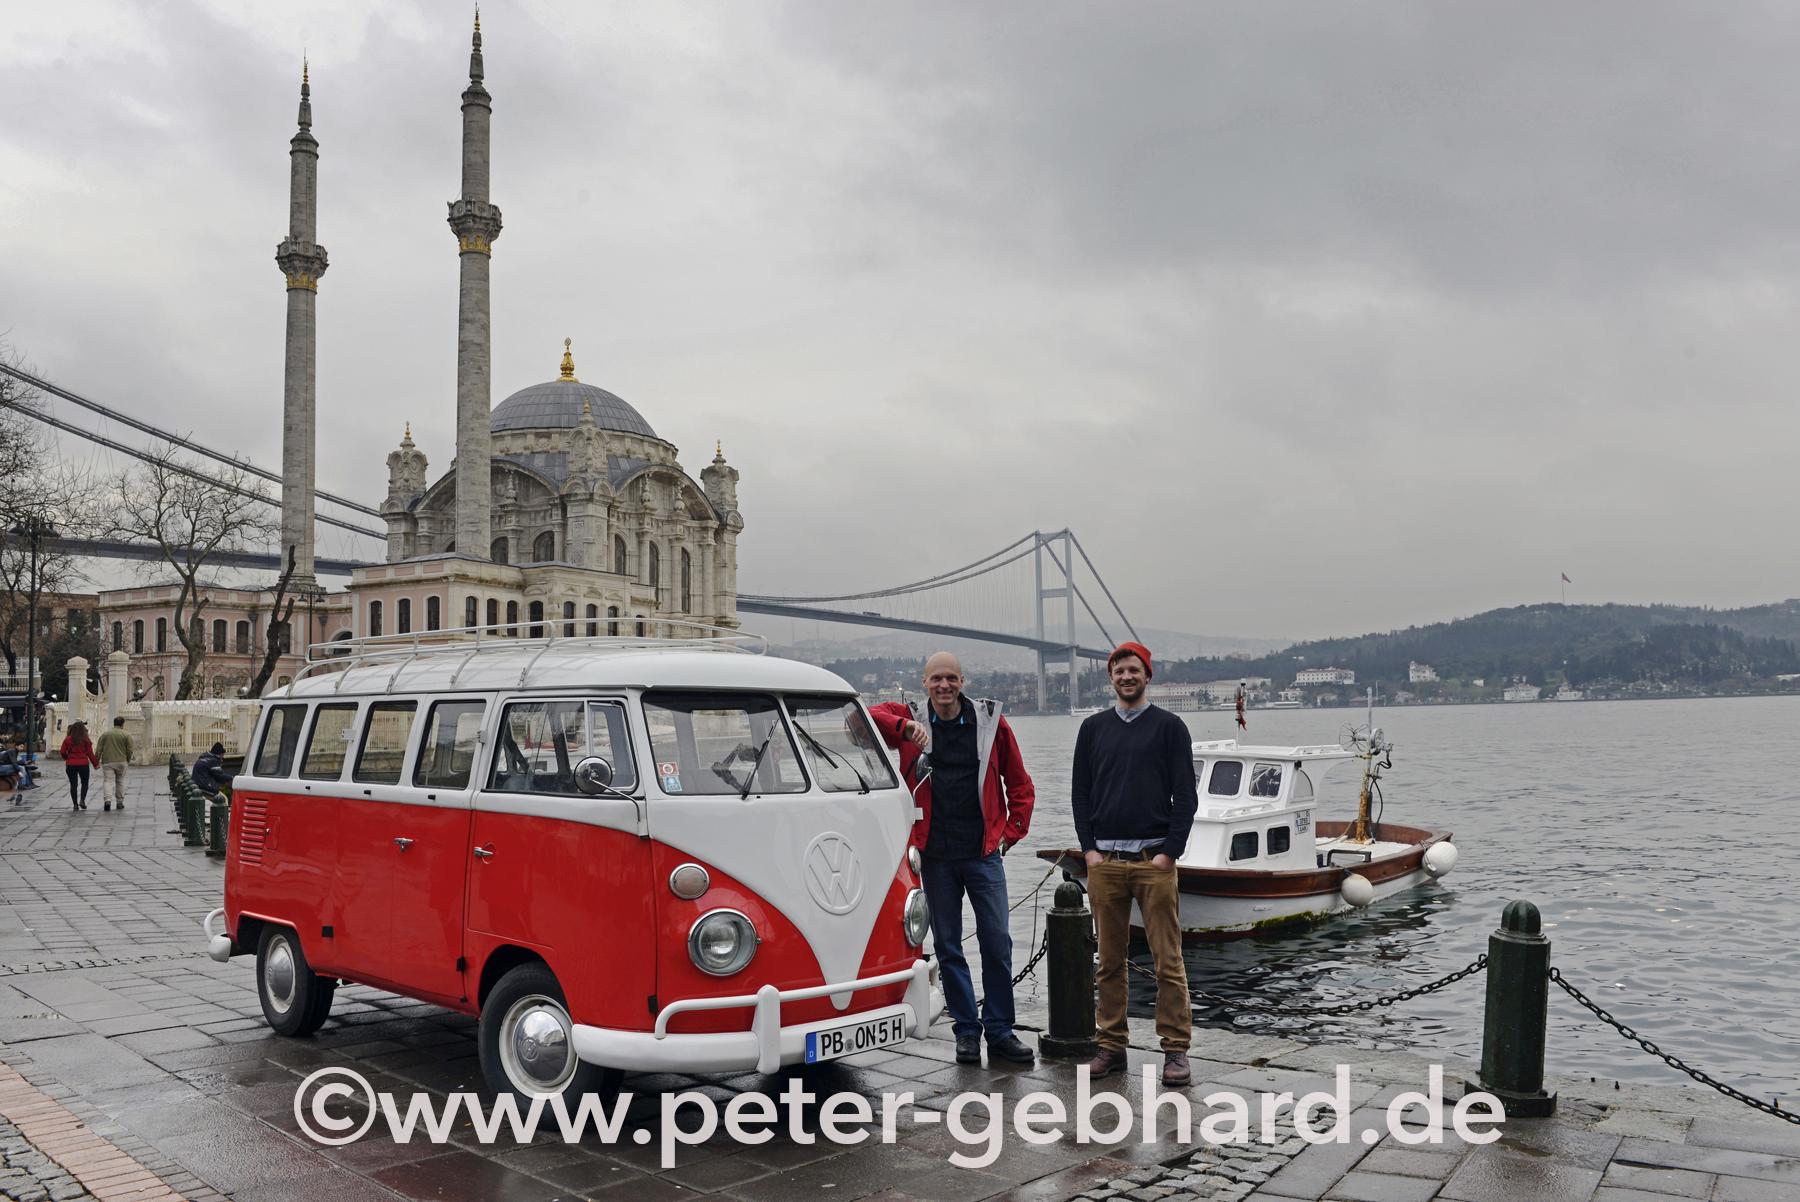 Peter Gebhard mit Bulli Erwin am Startpunkt der großen Istanbul-Nordkap-Reise. Am Bosporus beginnt das Bulli-Abenteuer.